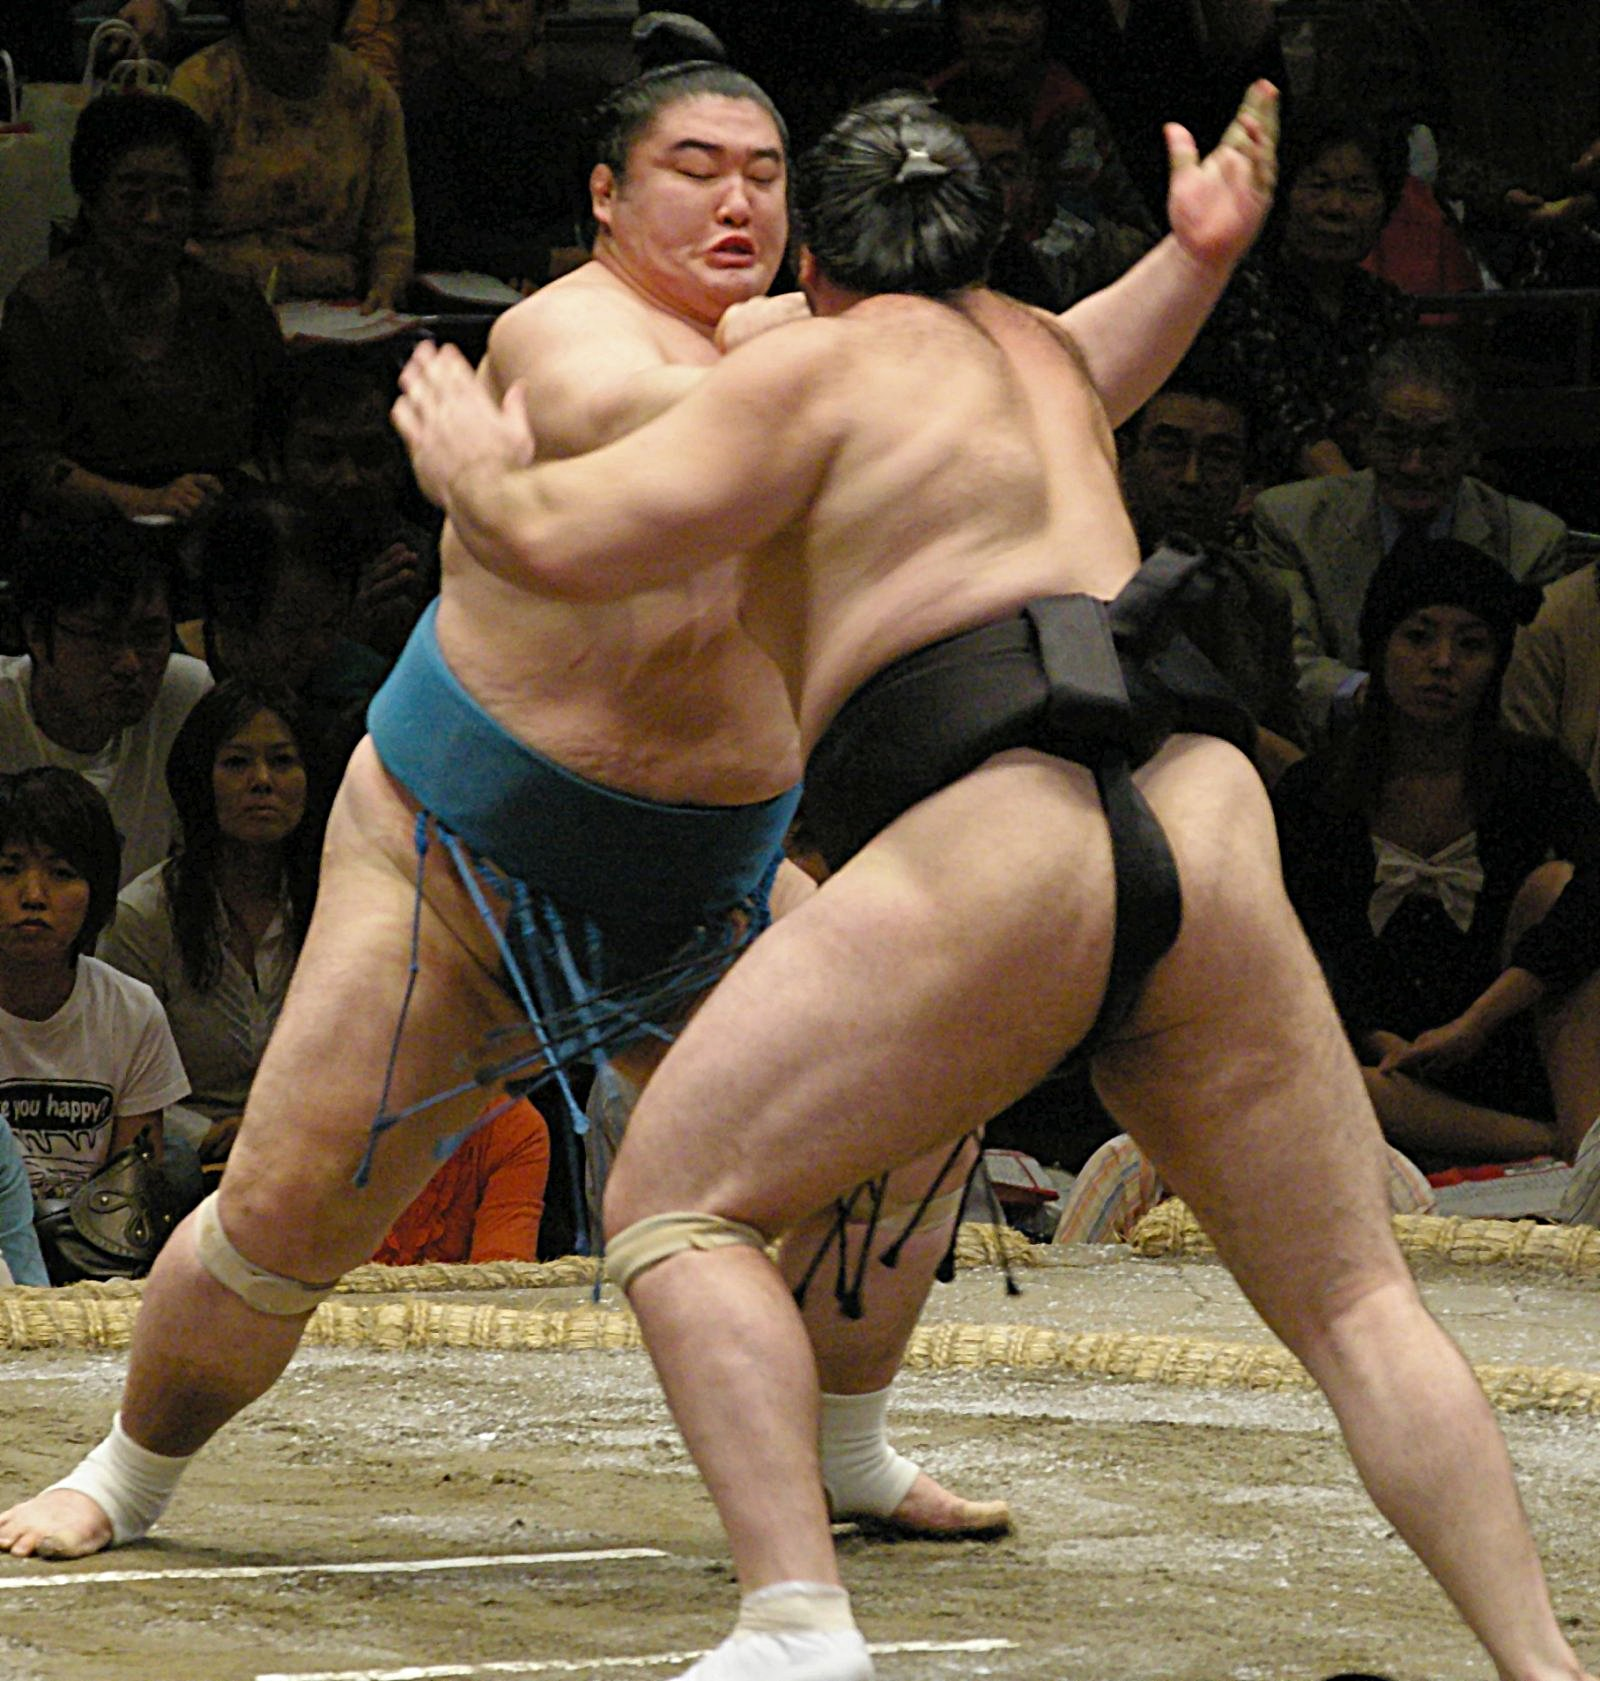 twink-sumo-wrestler-photos-black-nude-girl-big-boob